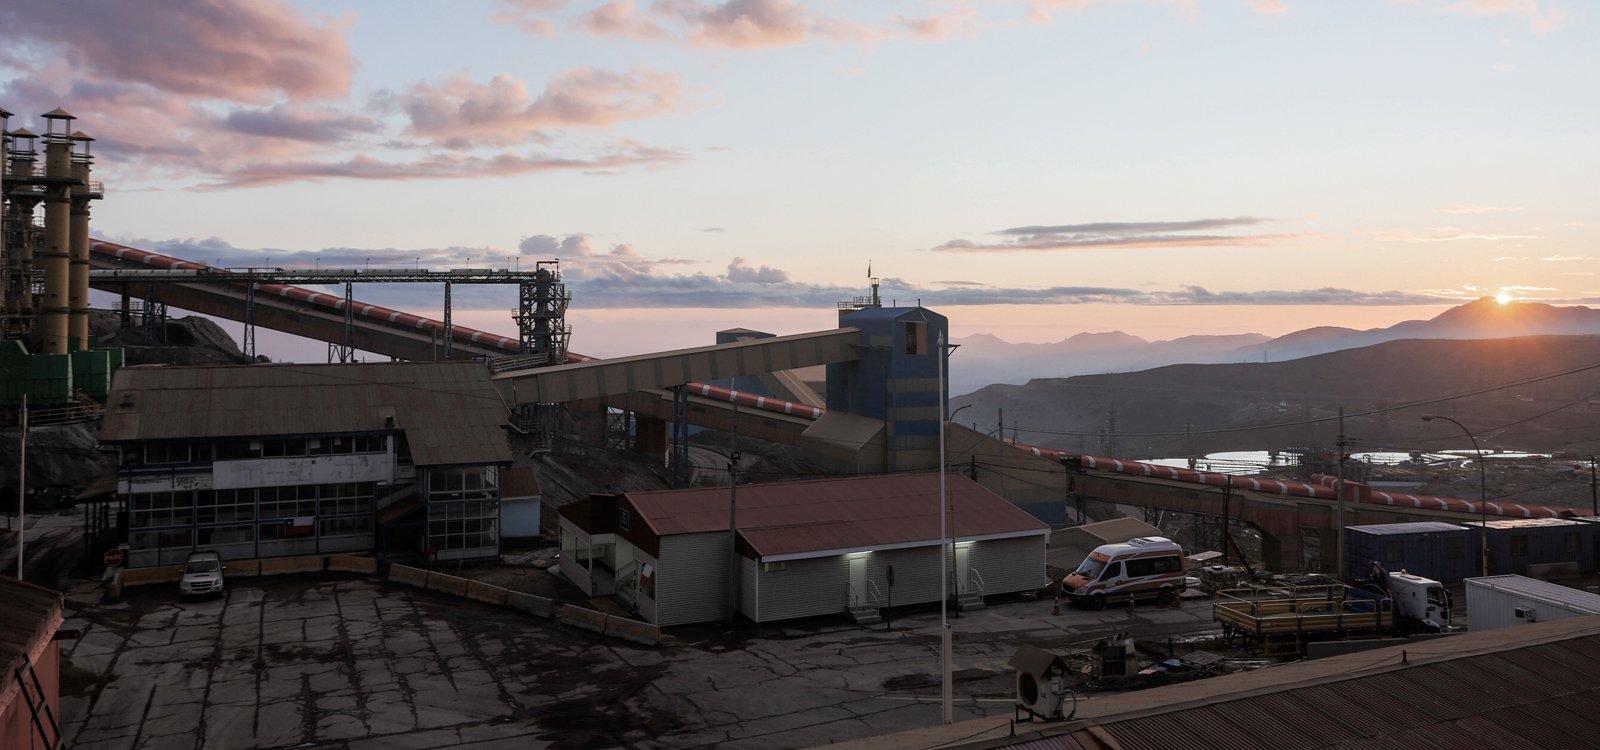 Vistas majestosas são abundantes na El Teniente, uma operação extensa a 2.400 metros acima do nível do mar, na cordilheira dos Andes.